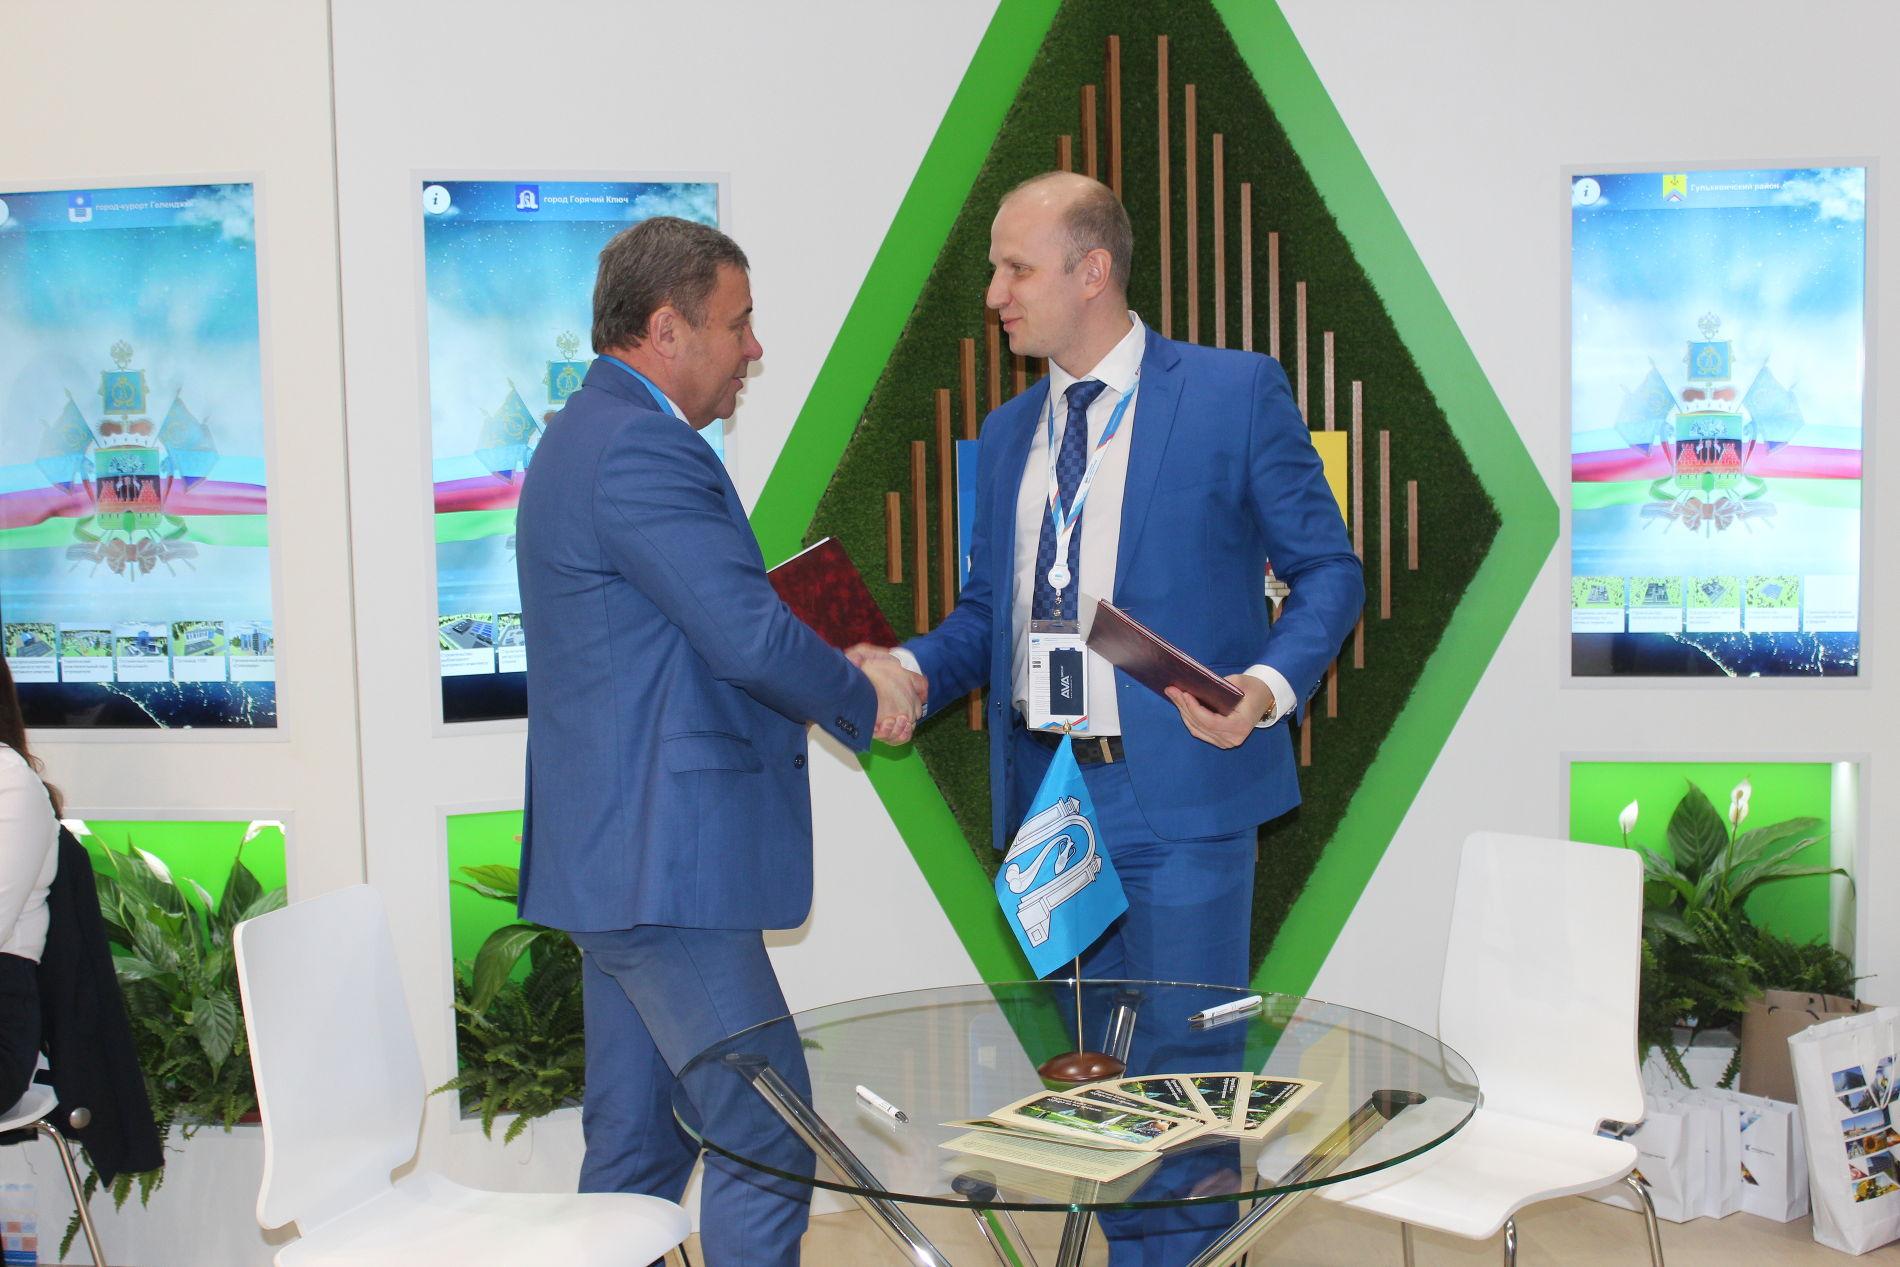 ВКраснодаре появятся новый жилой иторгово-развлекательный комплексы